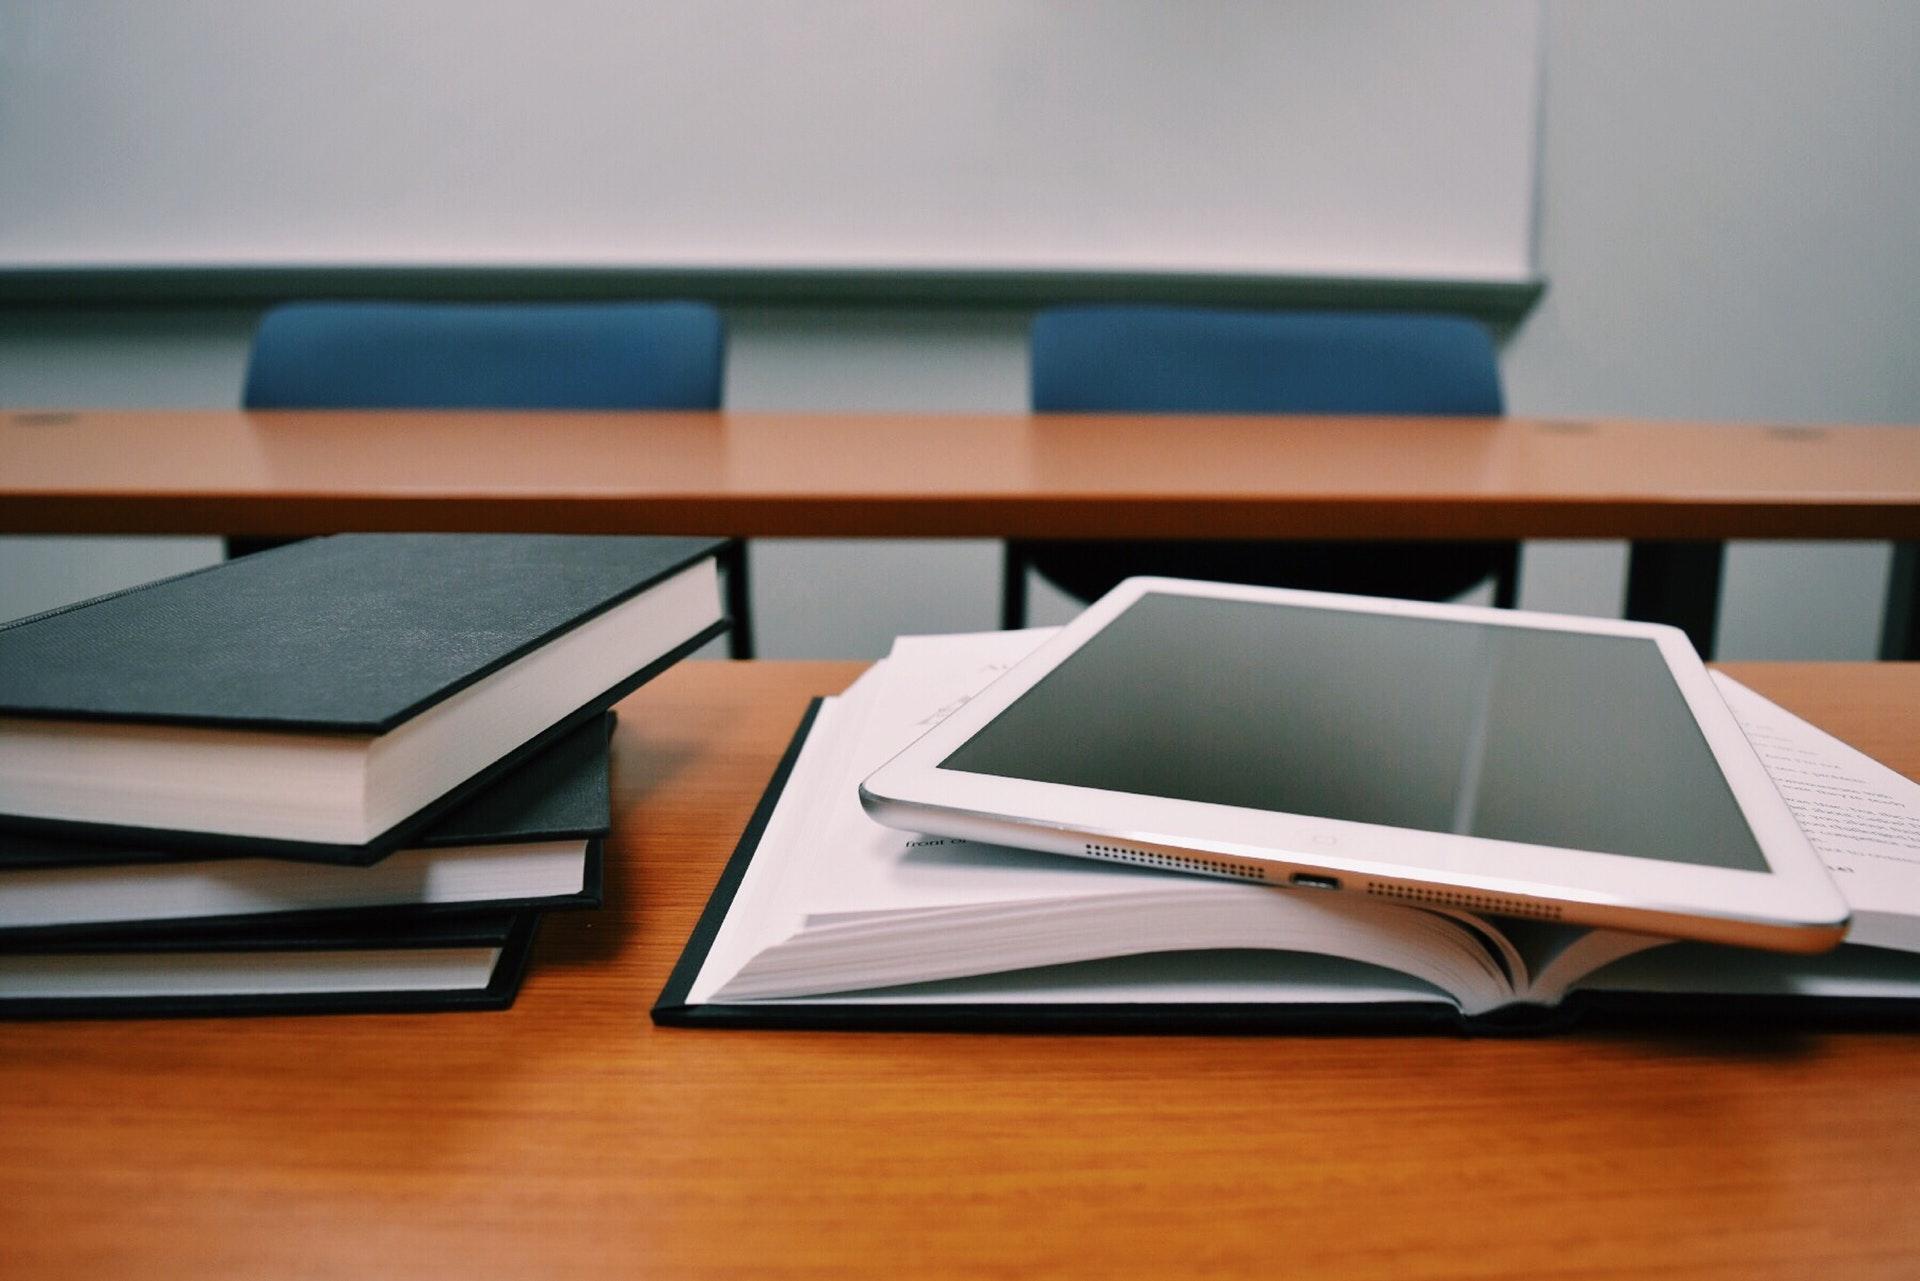 VUC, uddannelse, skole, studie, bøger, lære, læring, læse, ipad, teknologi, bog, bøger, læse